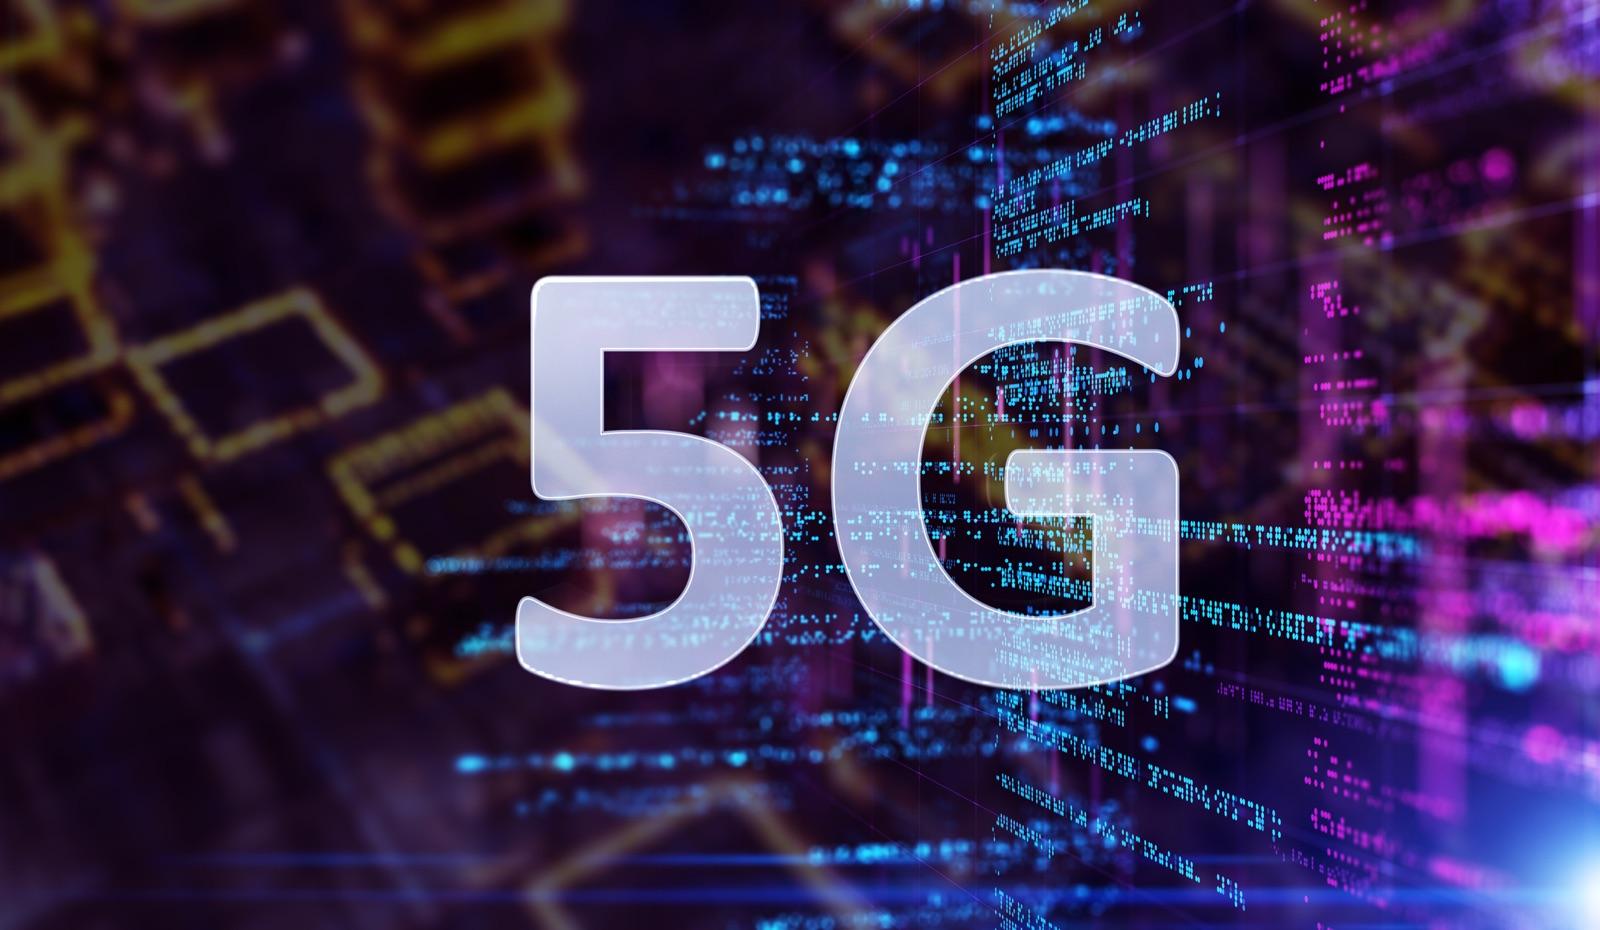 ¿Cómo afectará el 5G a las comunicaciones?